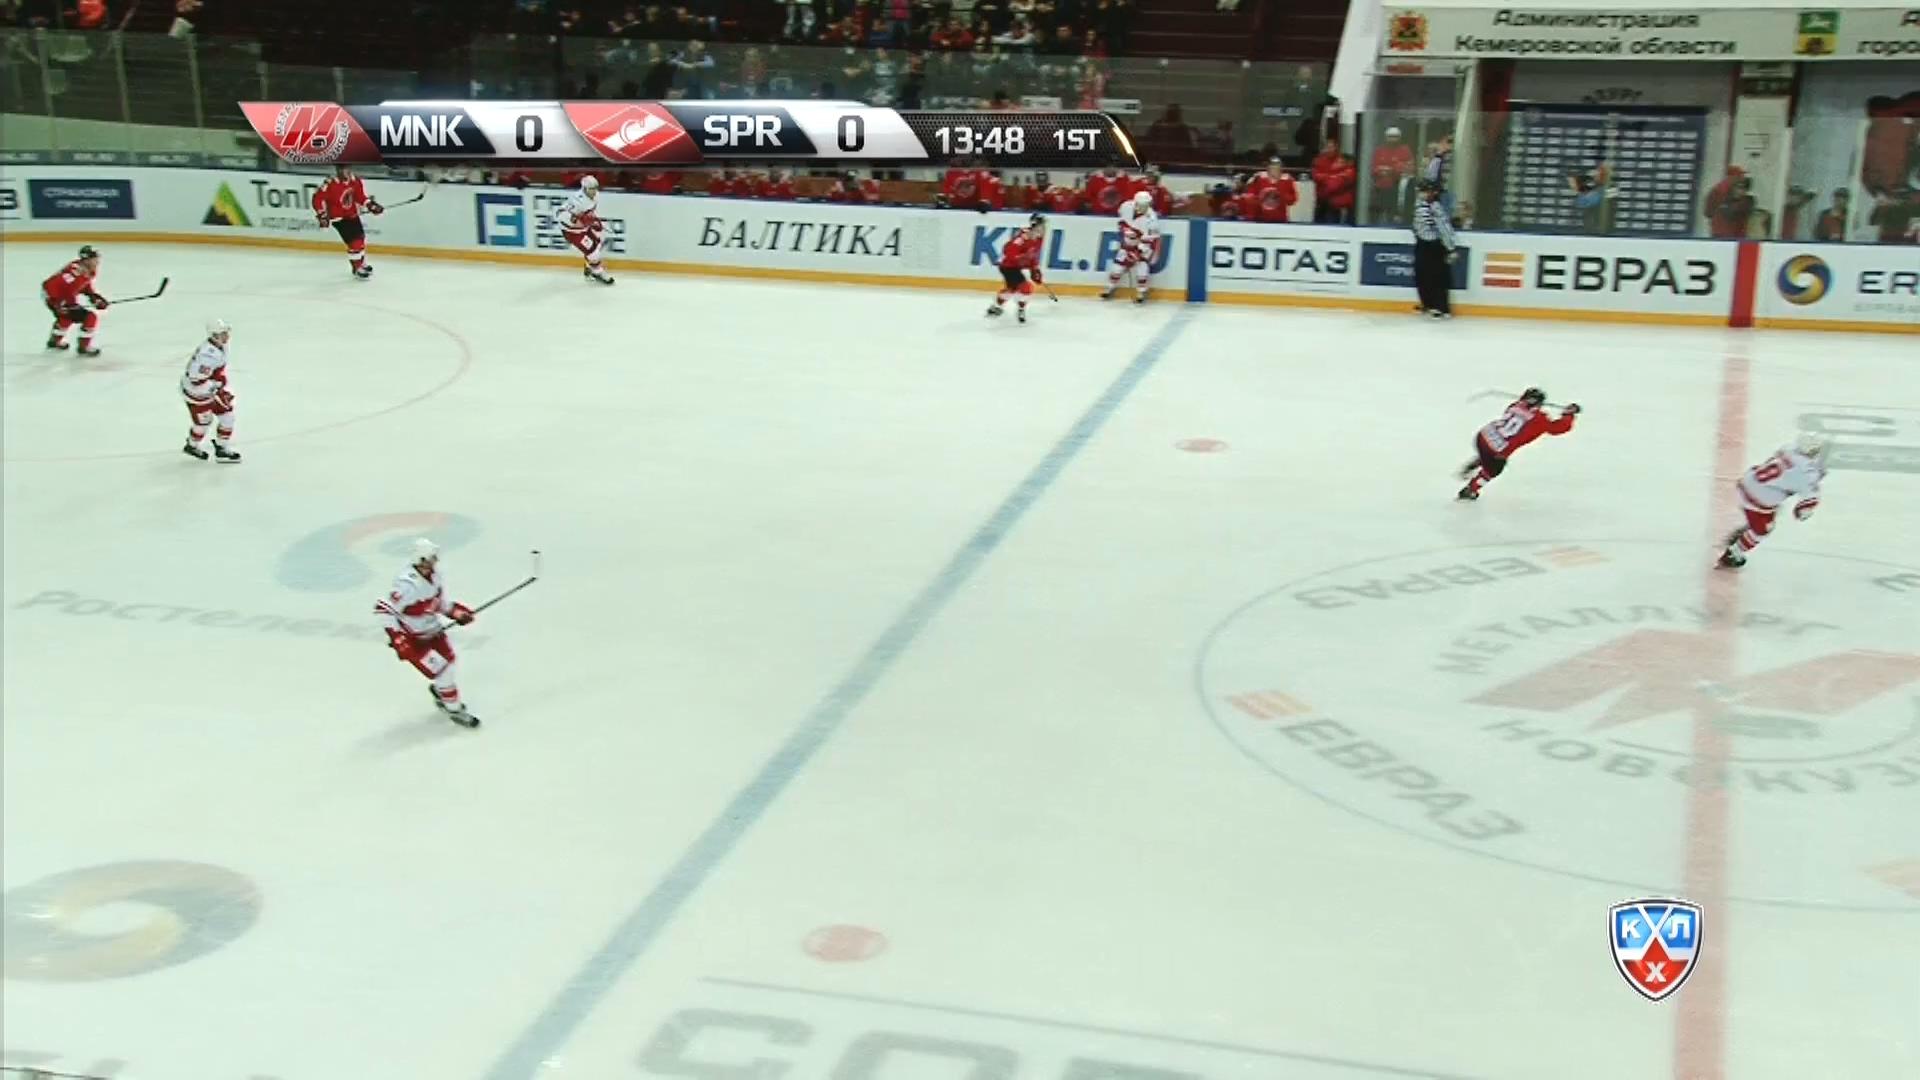 KHL.2015.09.04.MetNK@Spartak.1080p25.mkv_20150905_153357.328.jpg